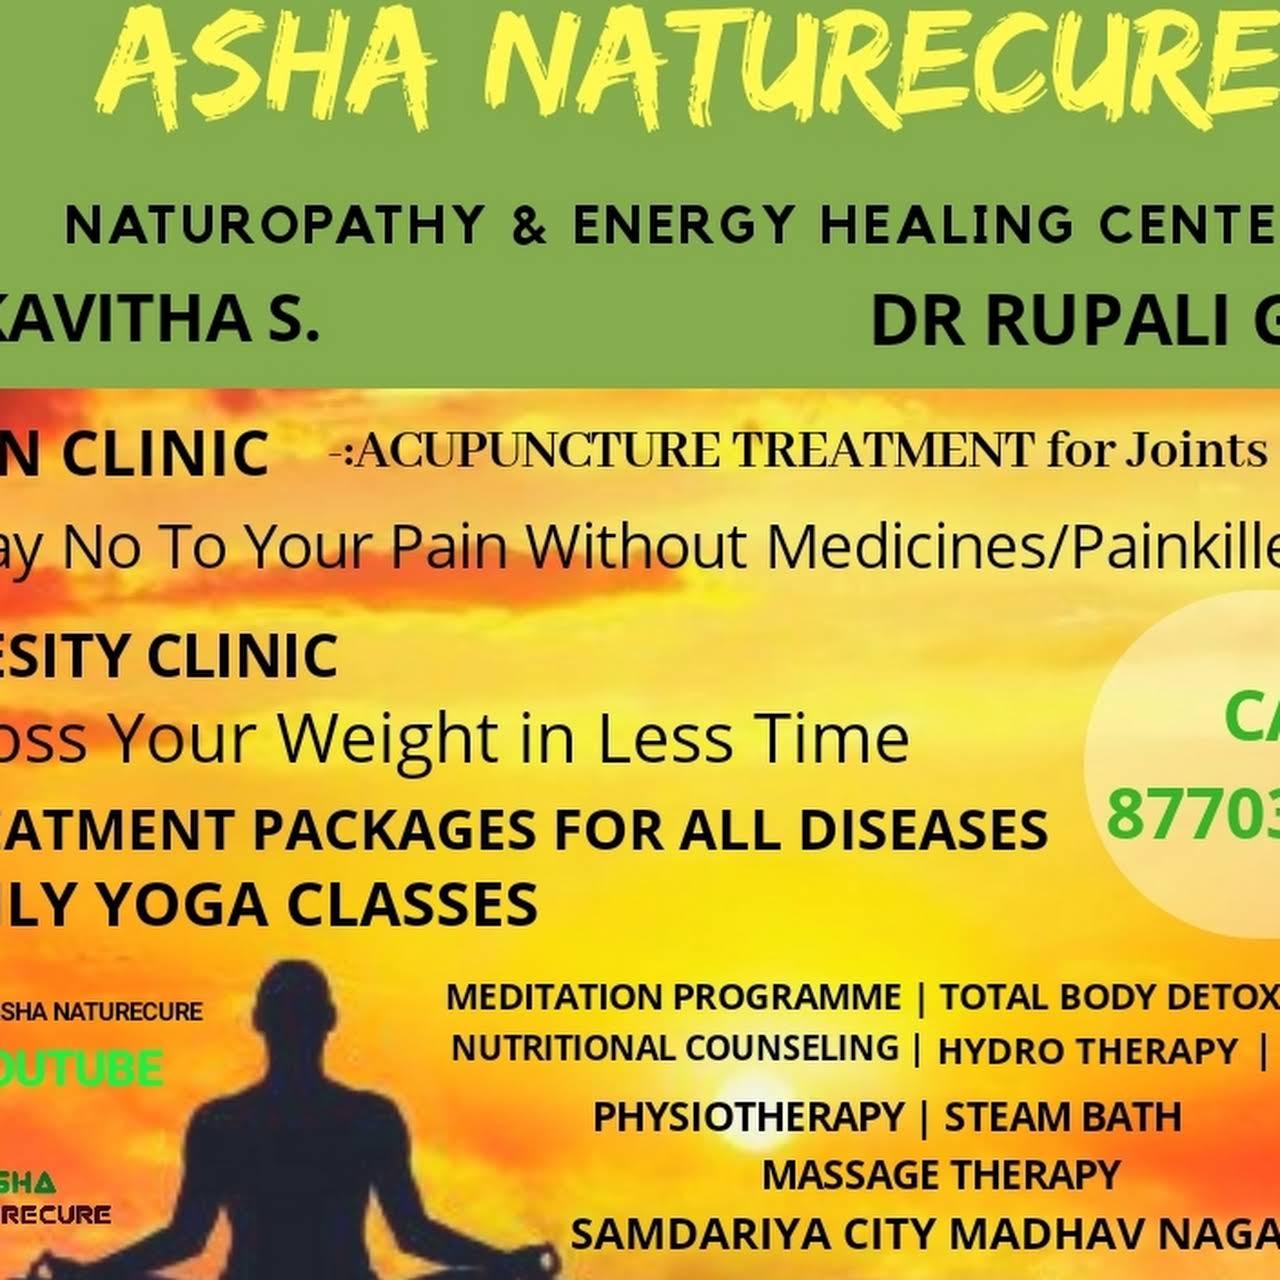 Asha Naturecure- Naturopathy & Energy Healing Center - Naturopathic